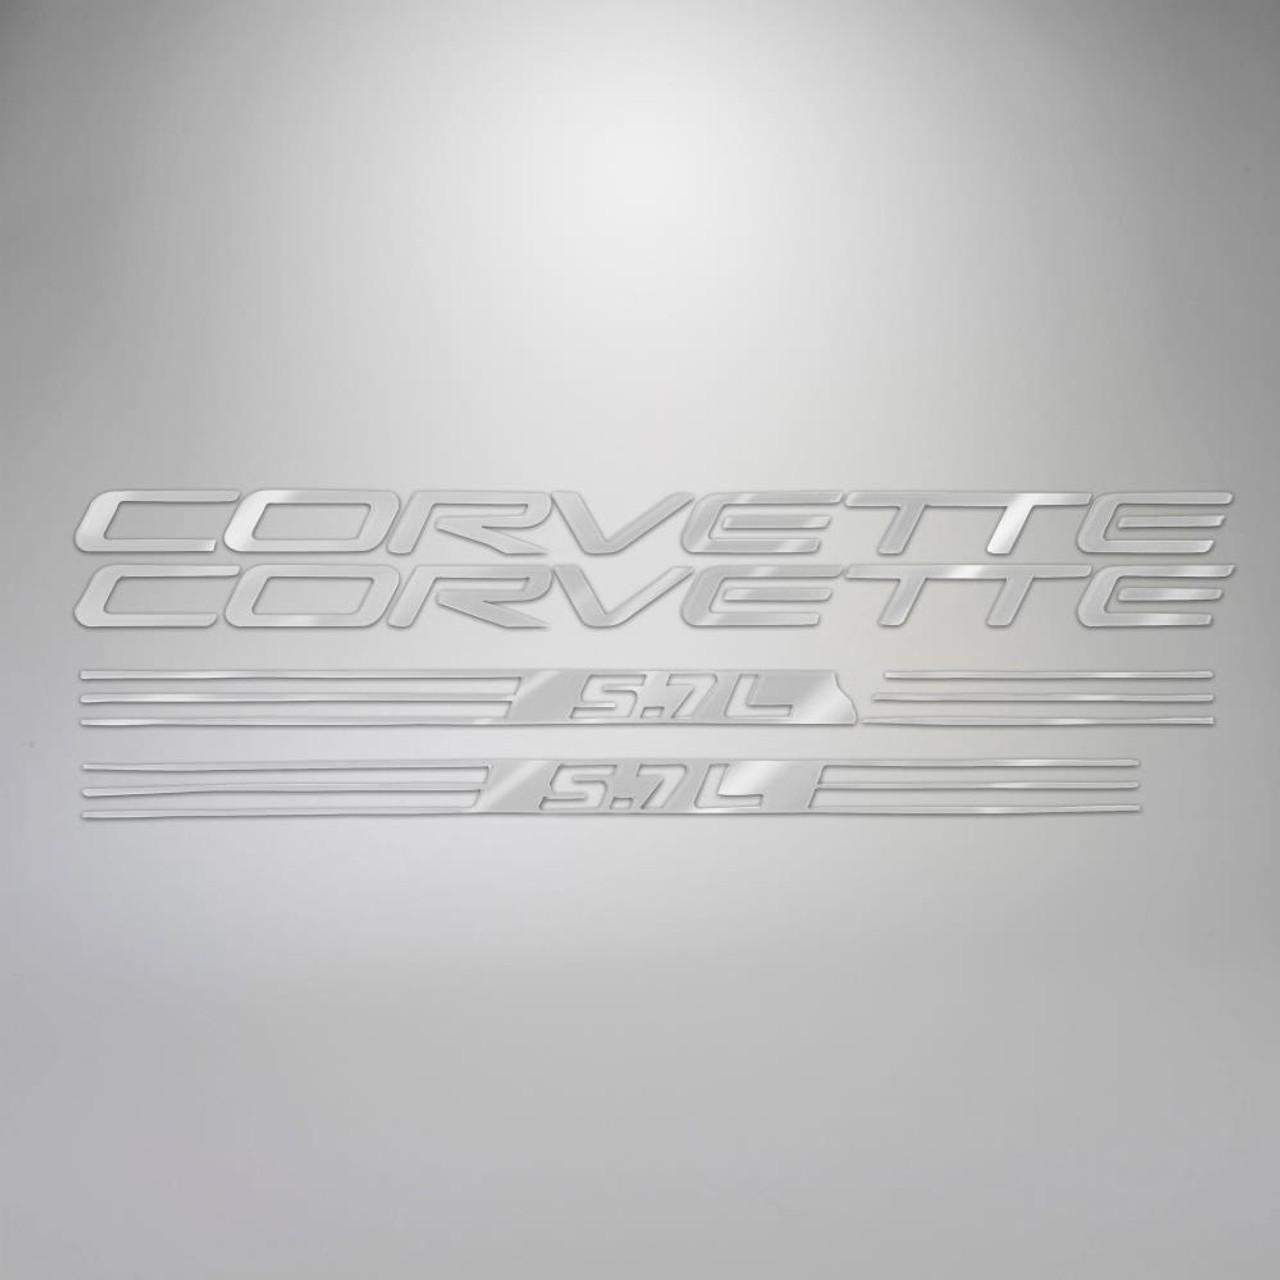 C5 99-04 Corvette 5.7L Fuel Rail Letter Kit - Ultra Chrome